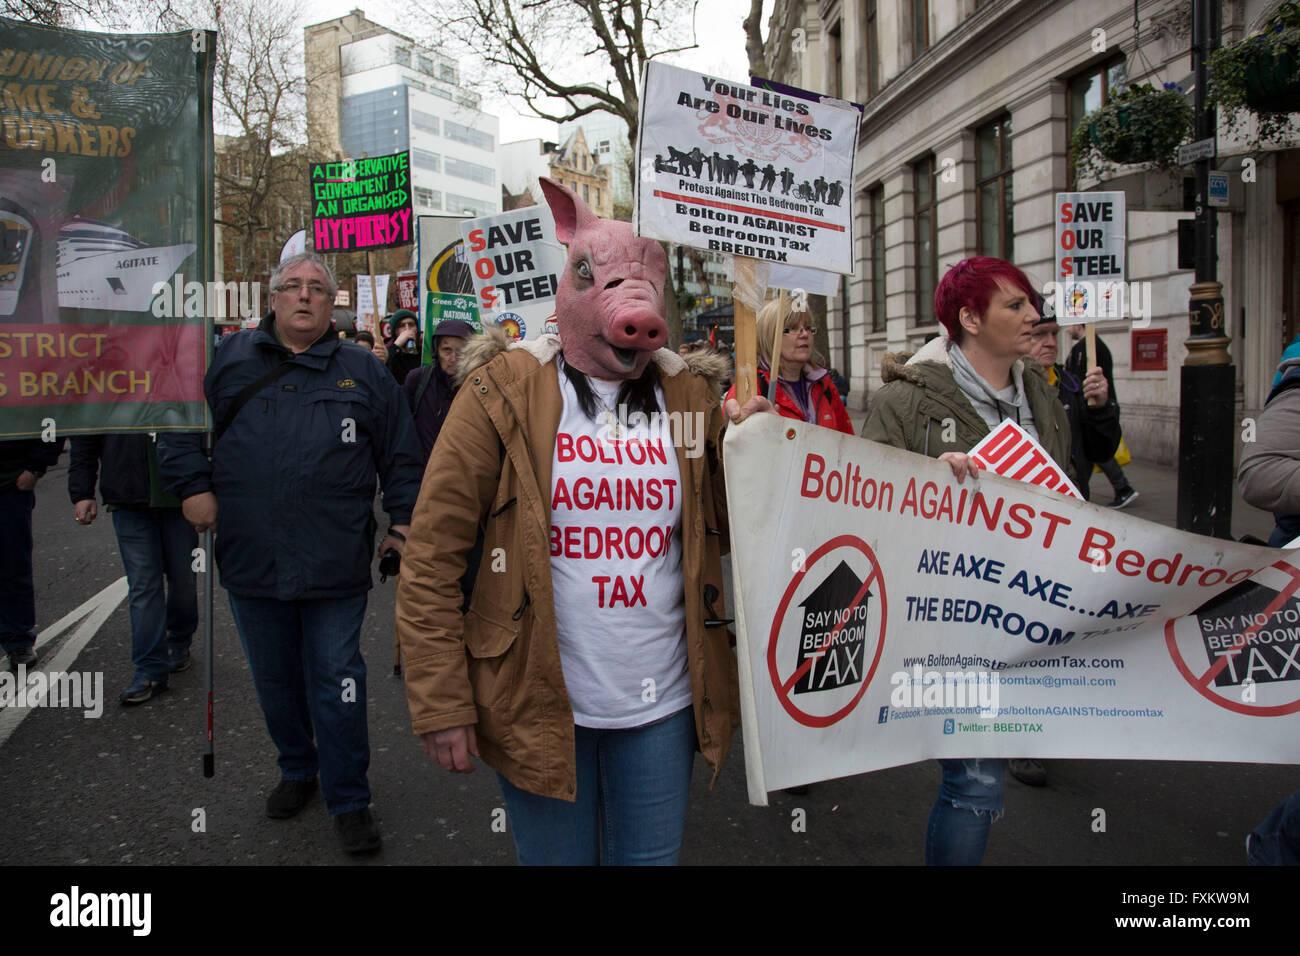 London, UK. 16th April, 2016. Pig masks mocking David Cameron at